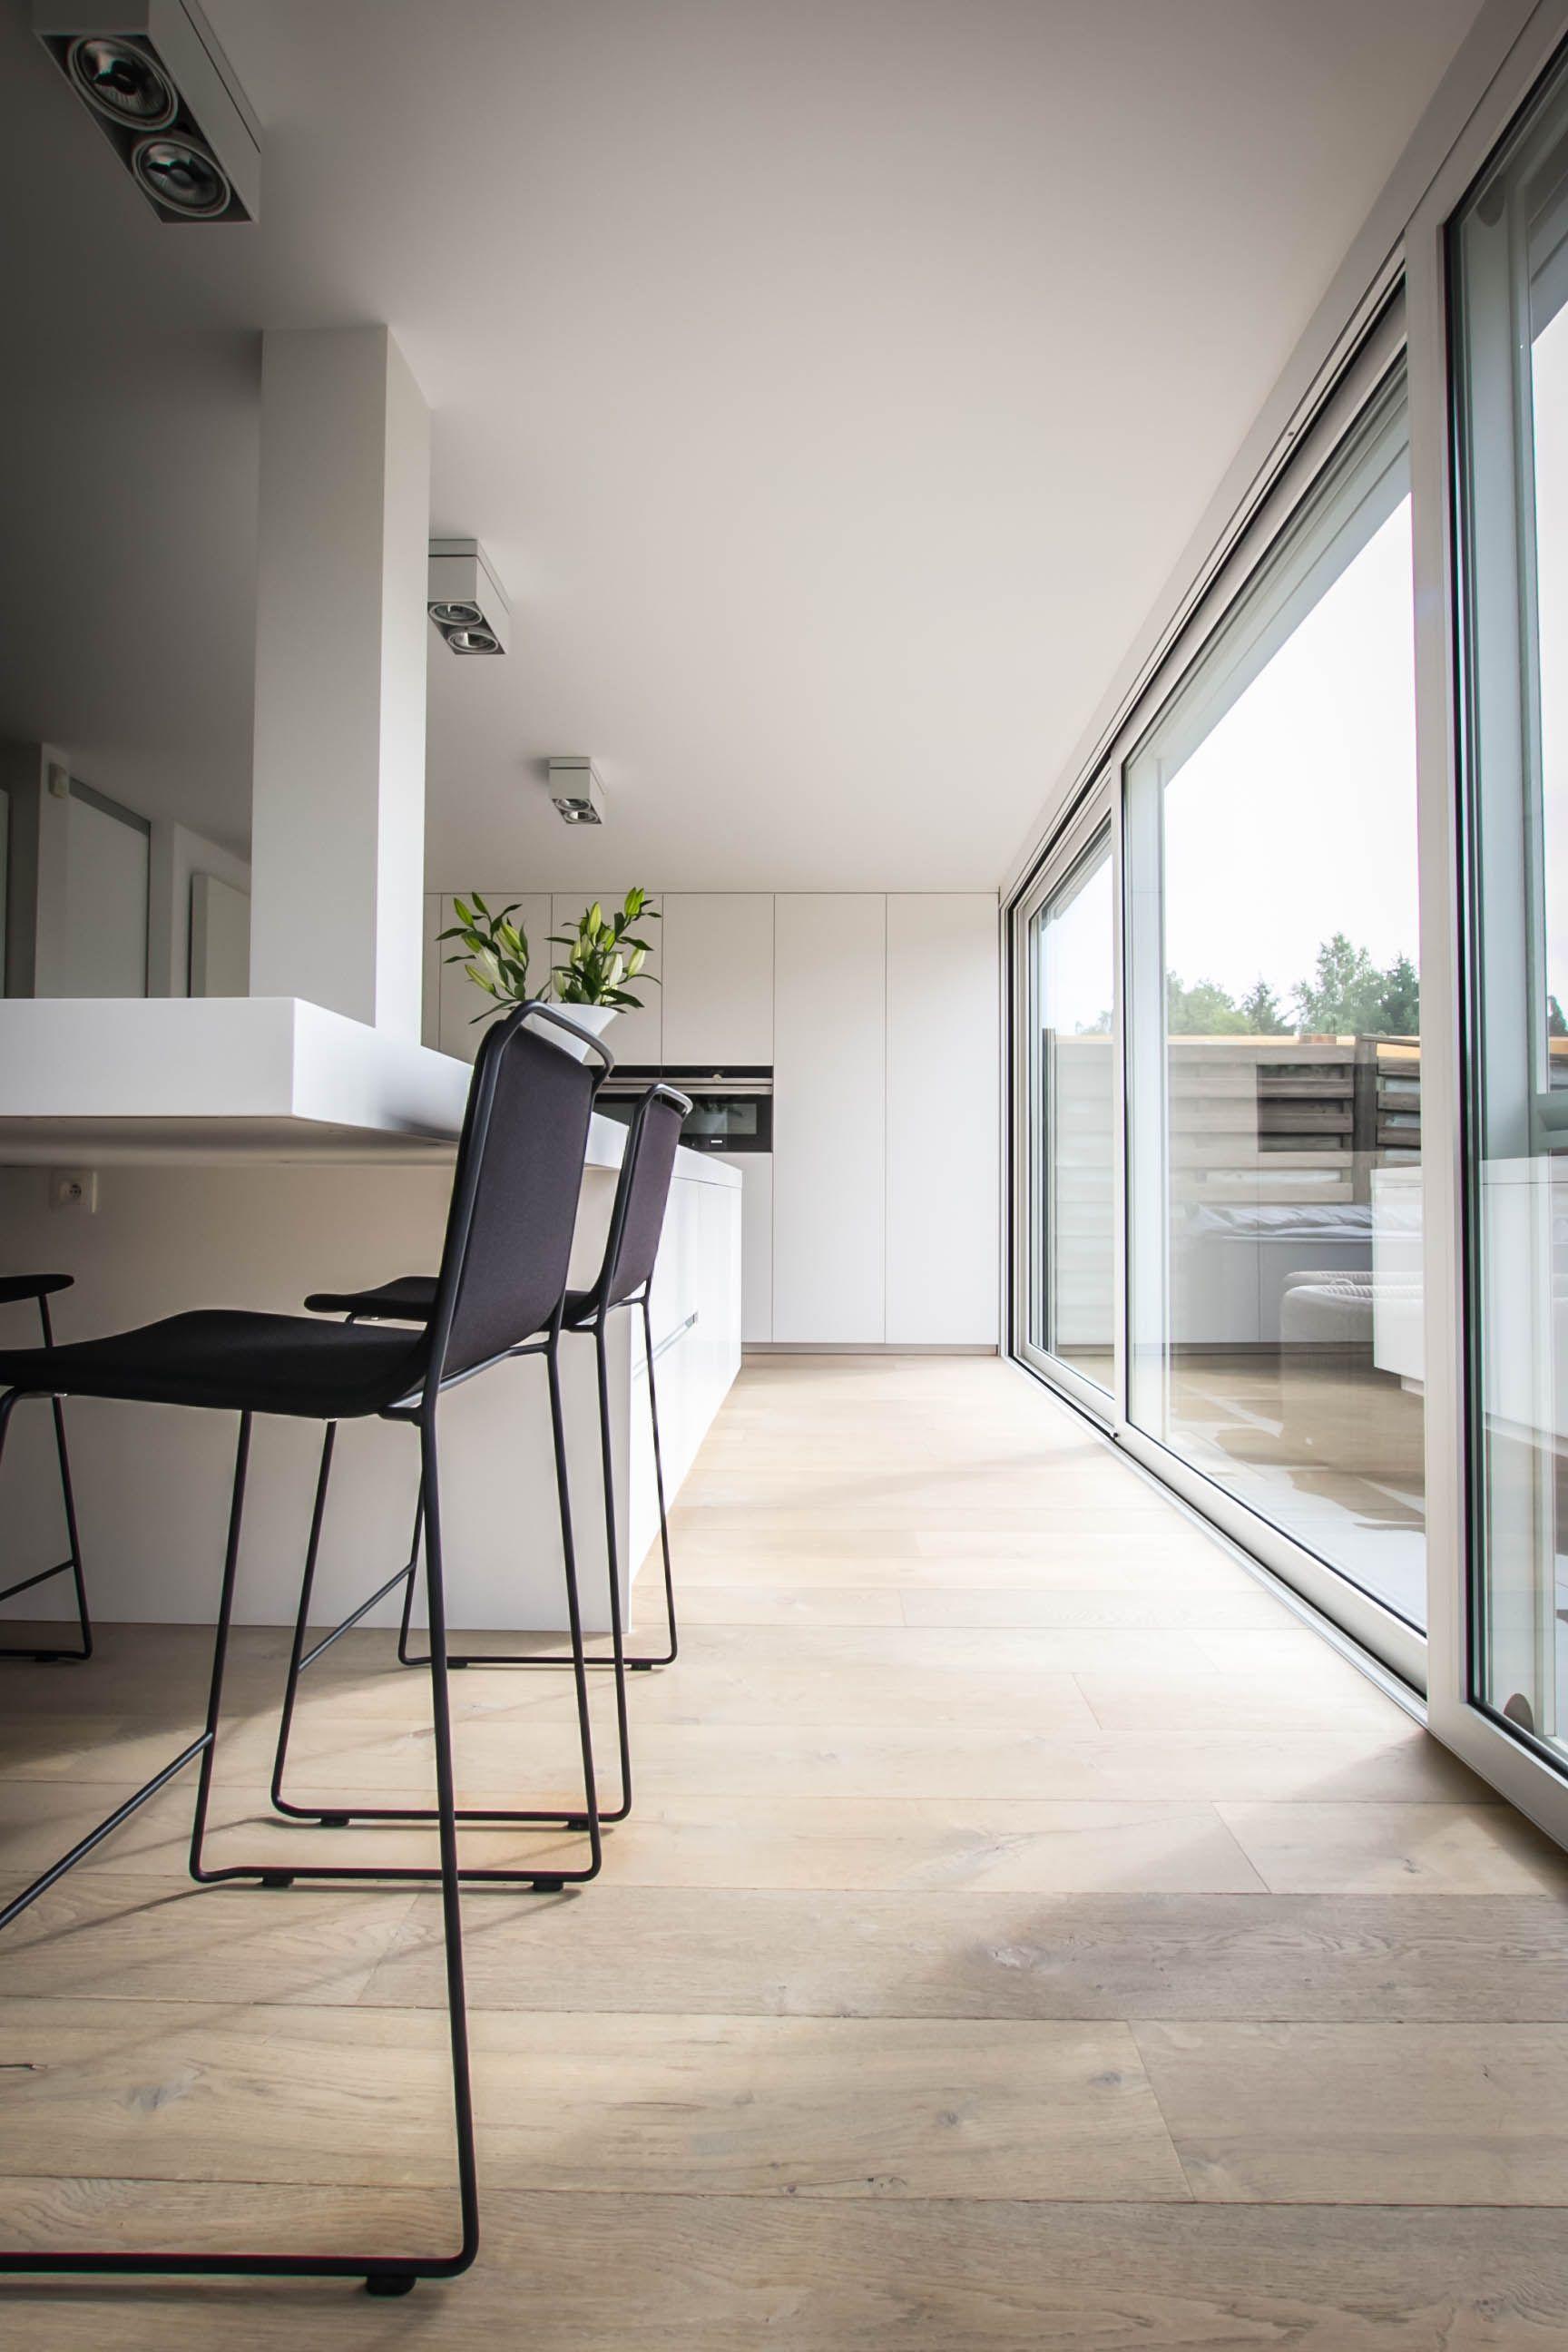 Moderne Keuken Met Veel Lichtinval Eigen Ontwerp Door Gf Concepts In Solid Surface Keuken Eil Interieurontwerp Keuken Slaapkamer Interieur Keuken Interieur